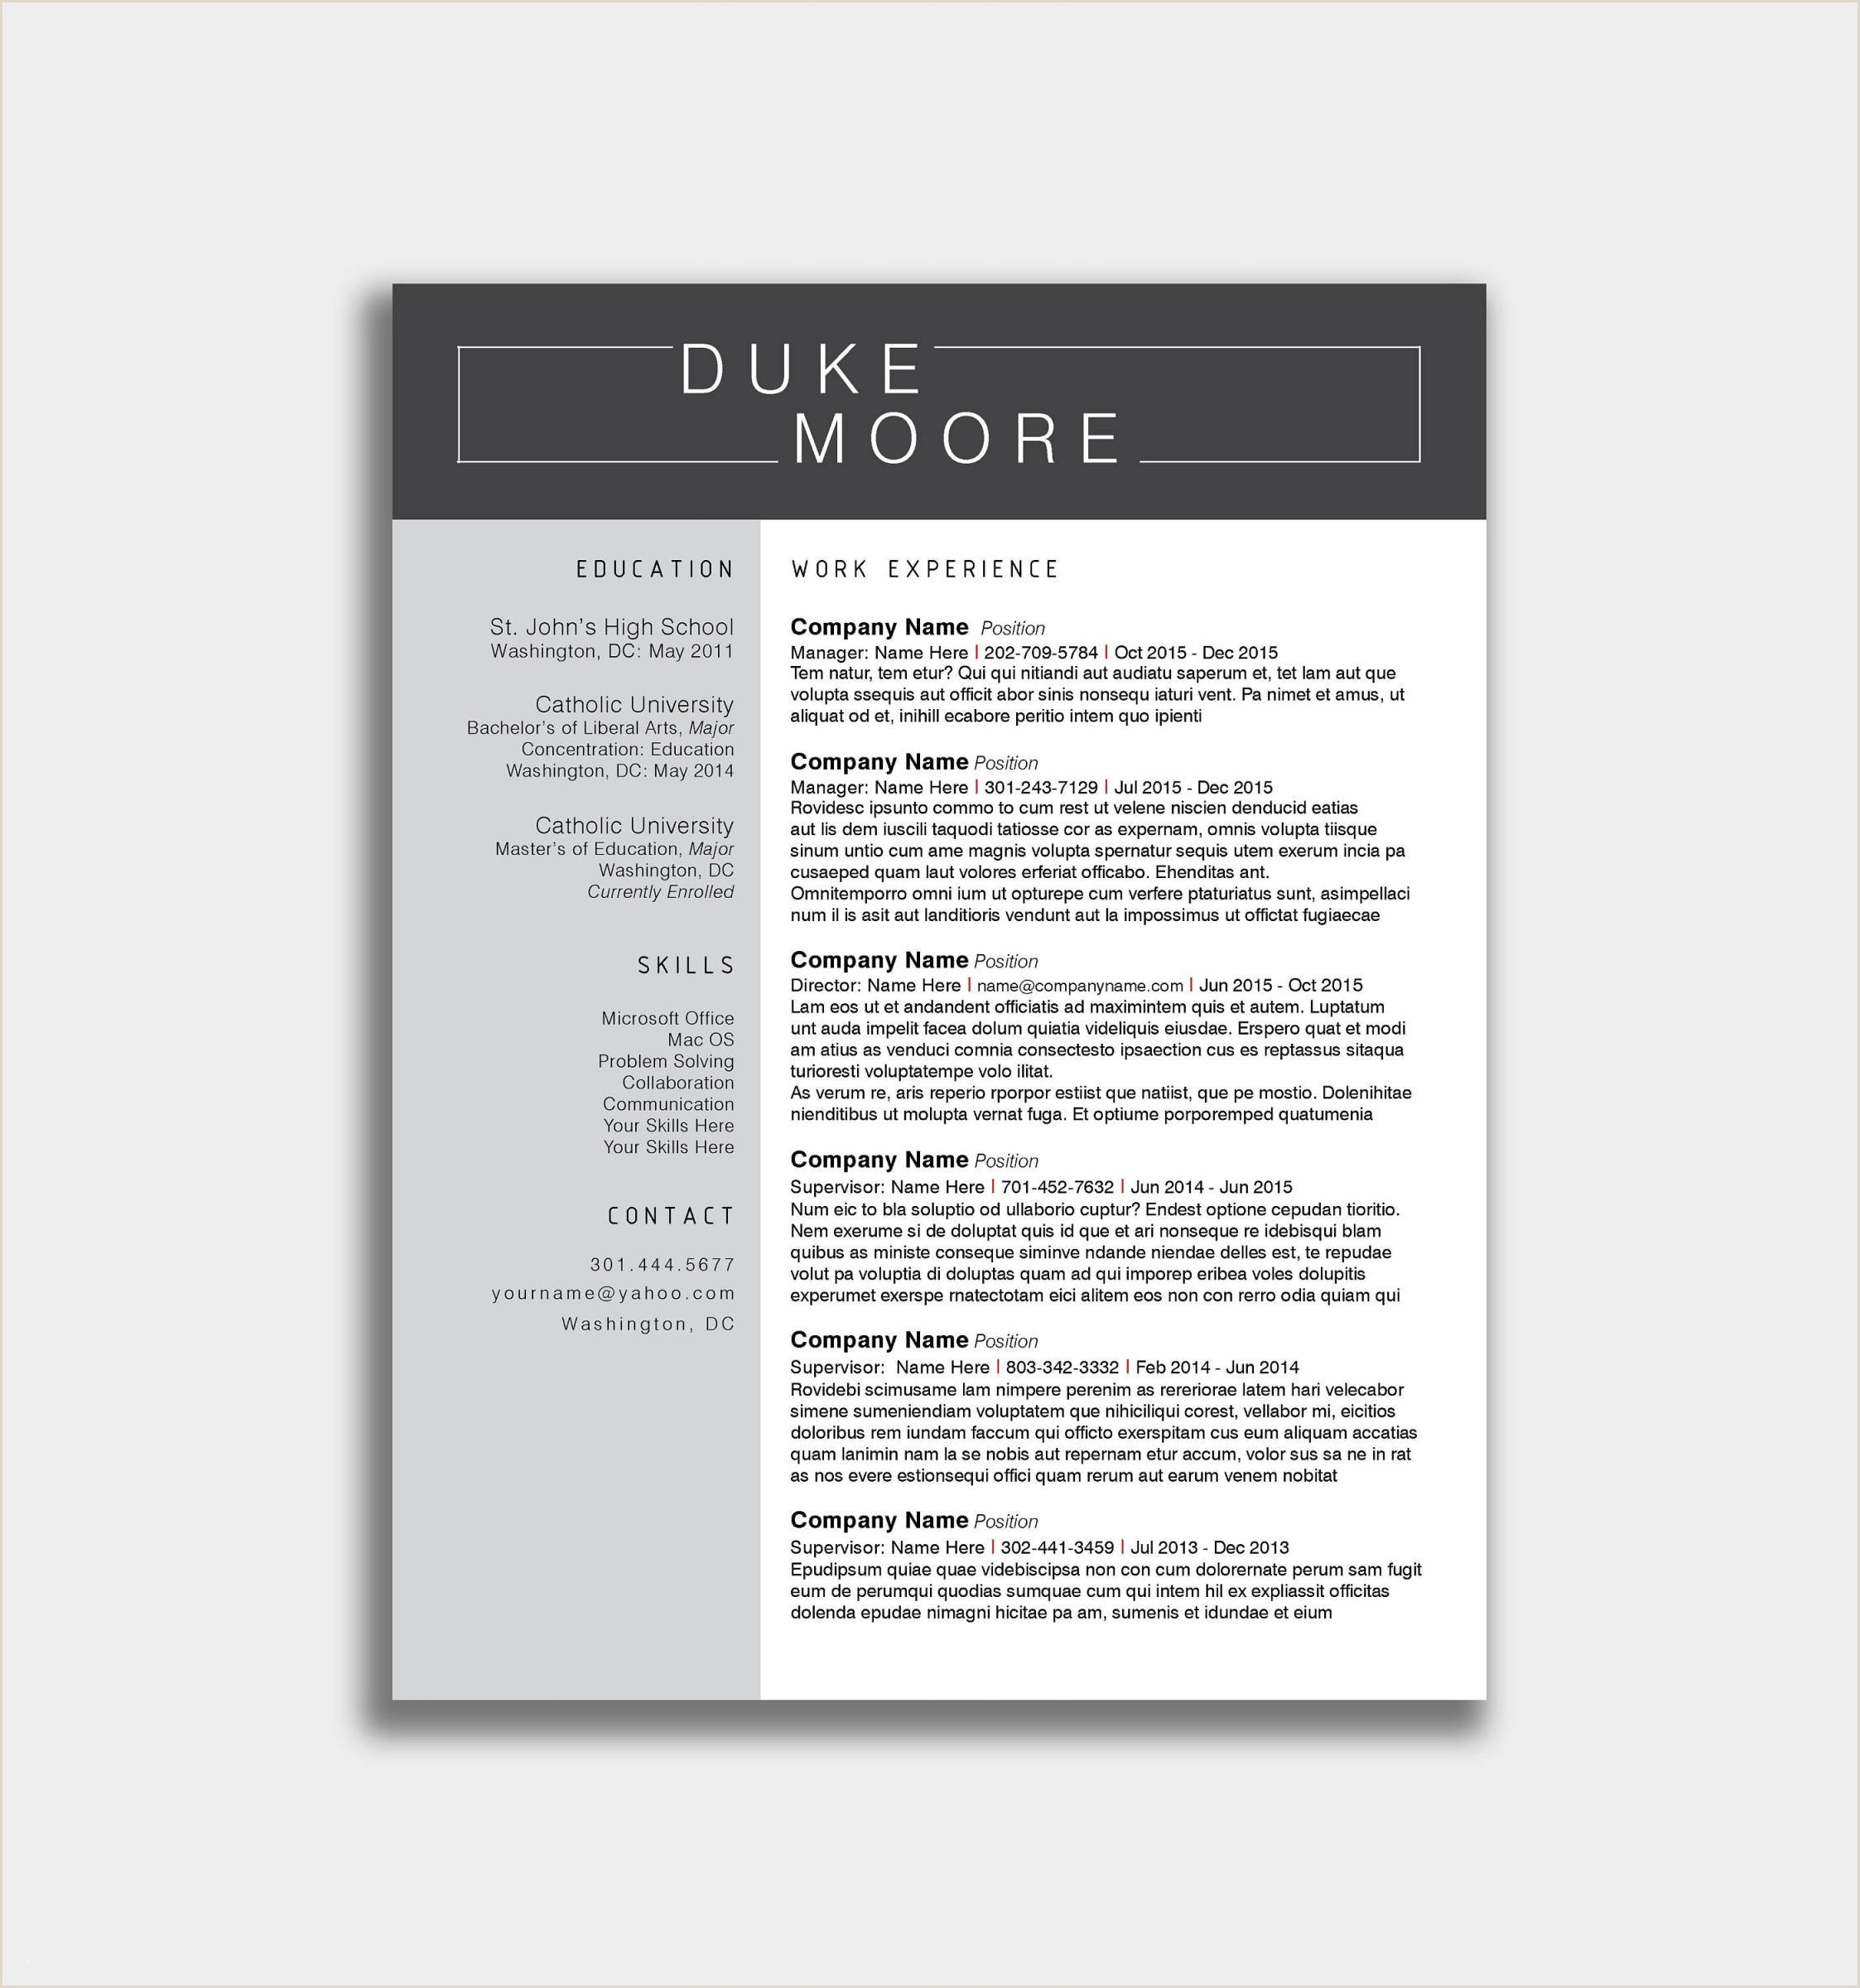 Lebenslauf Muster Unterschrift Unterschrift Lebenslauf Word – Name